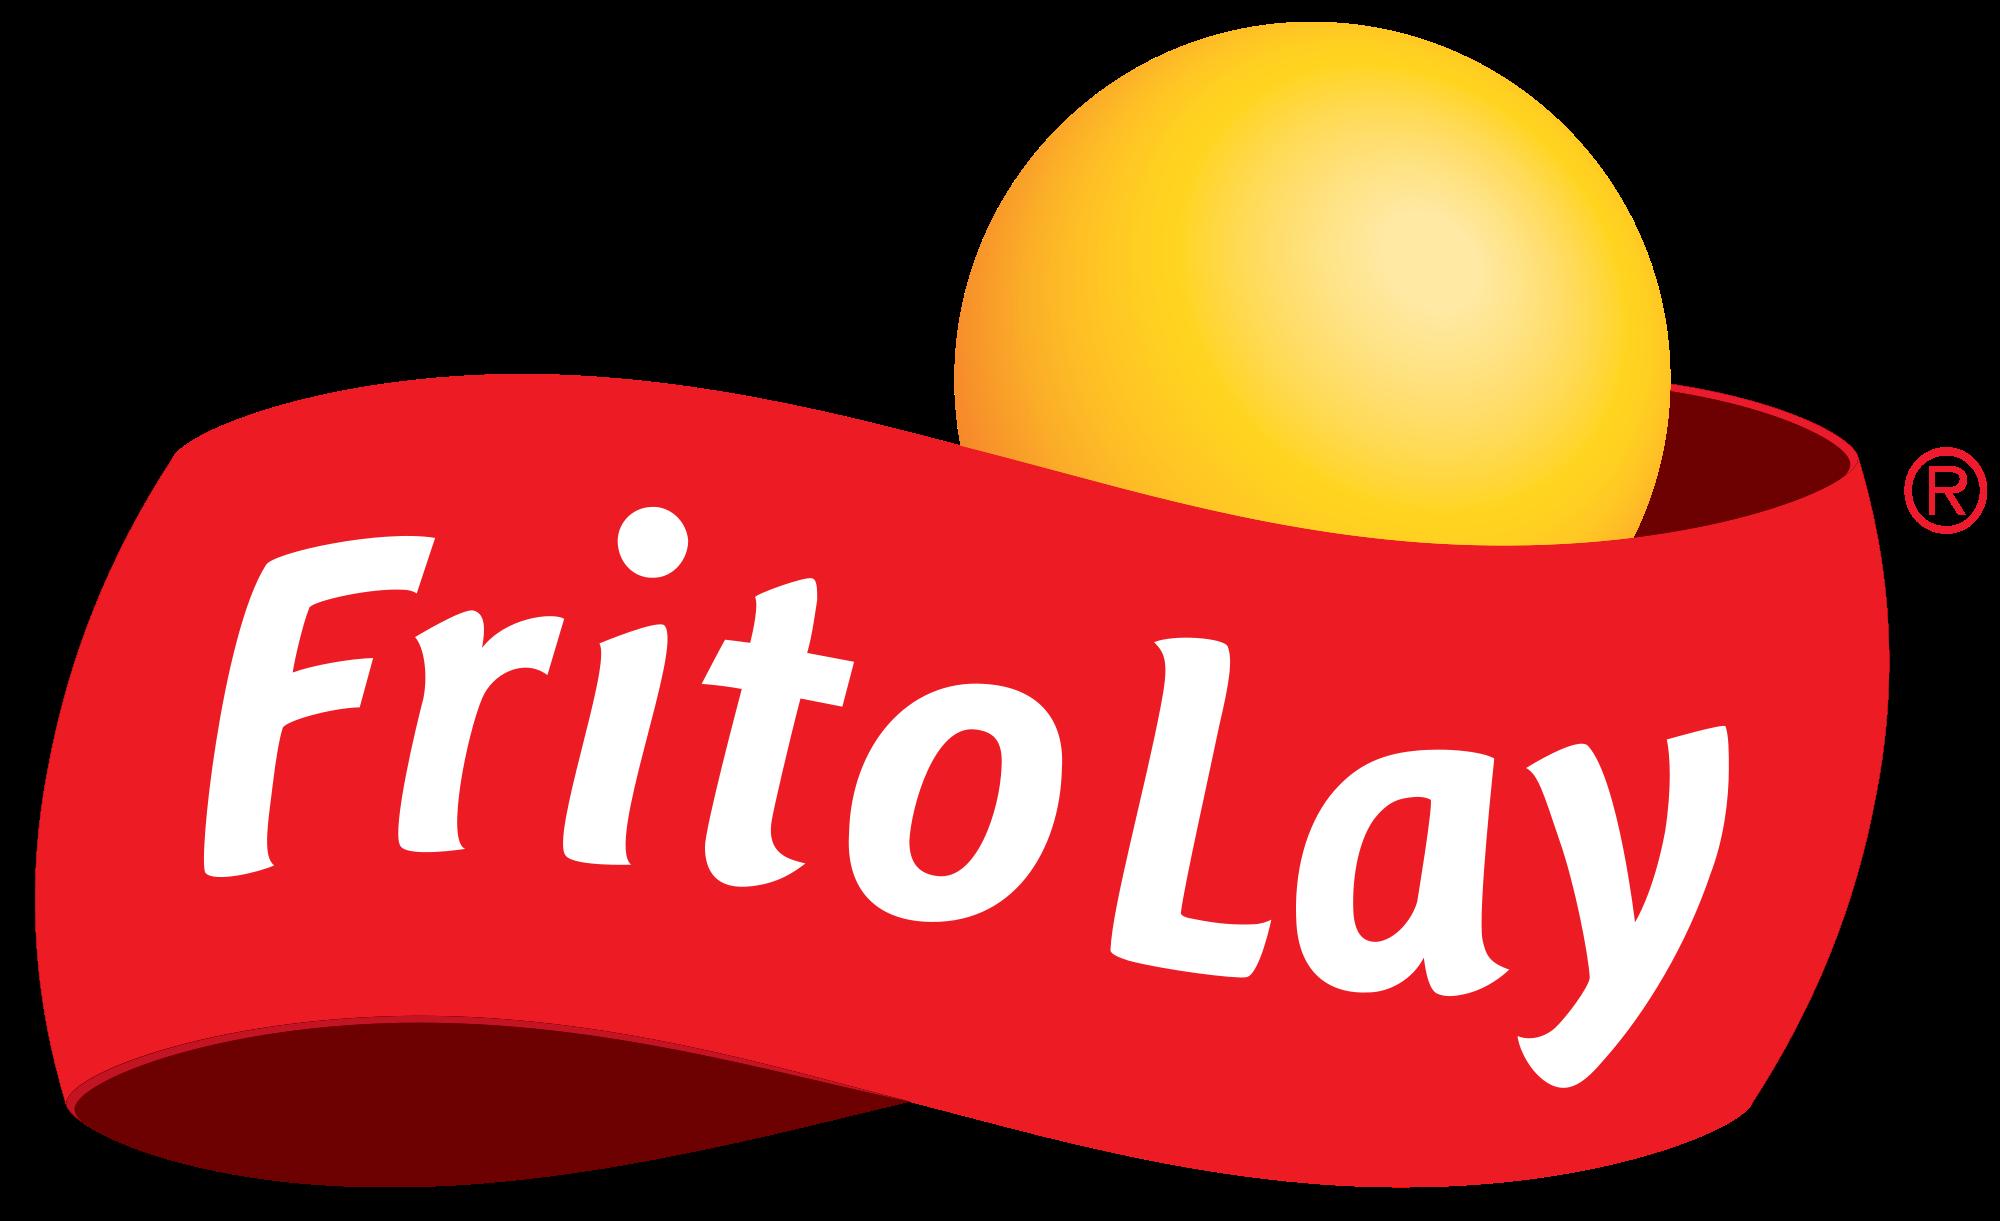 2000px-Fritolay-logo.png